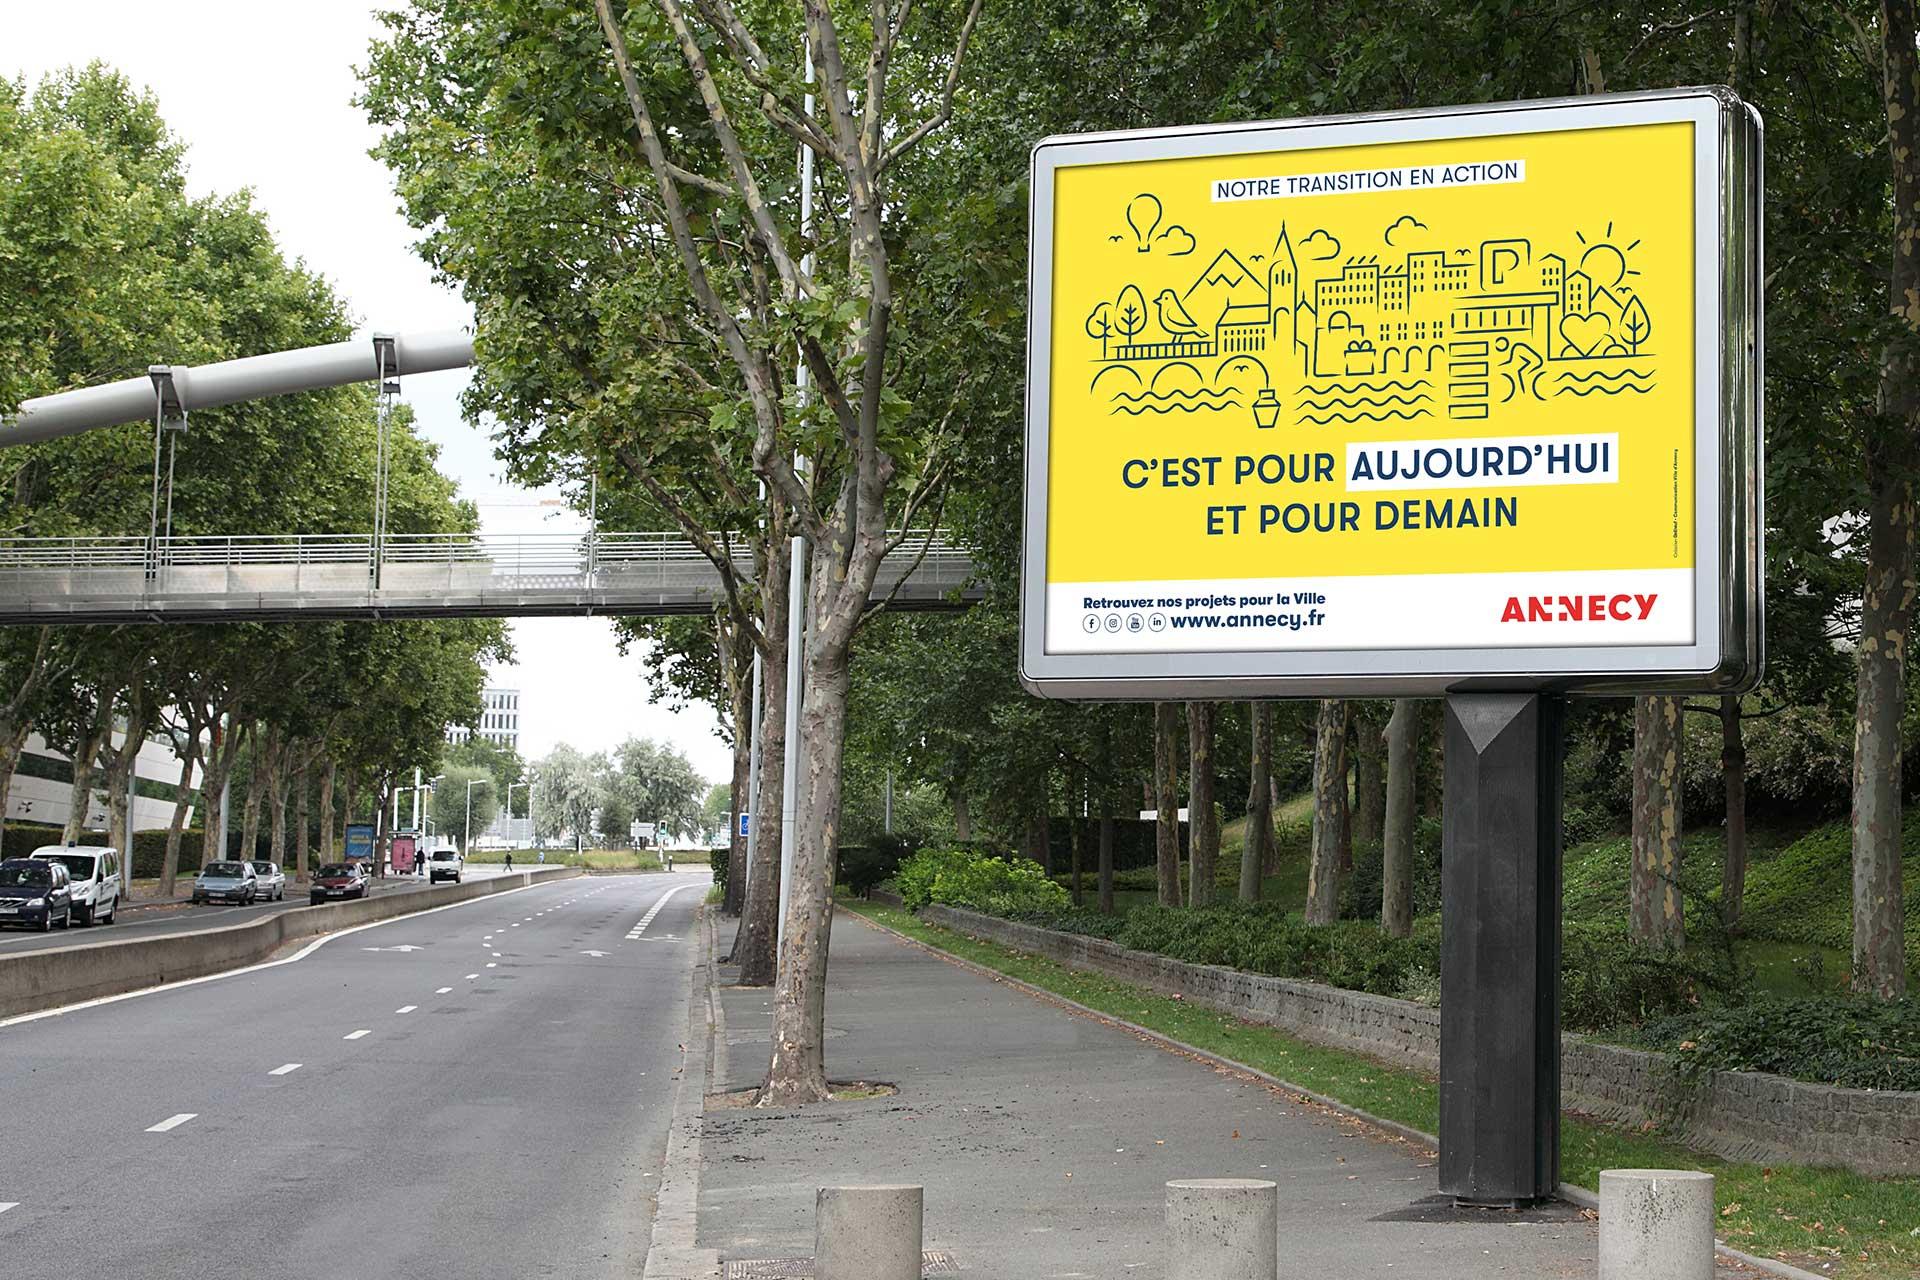 Affichage projet de ville Annecy